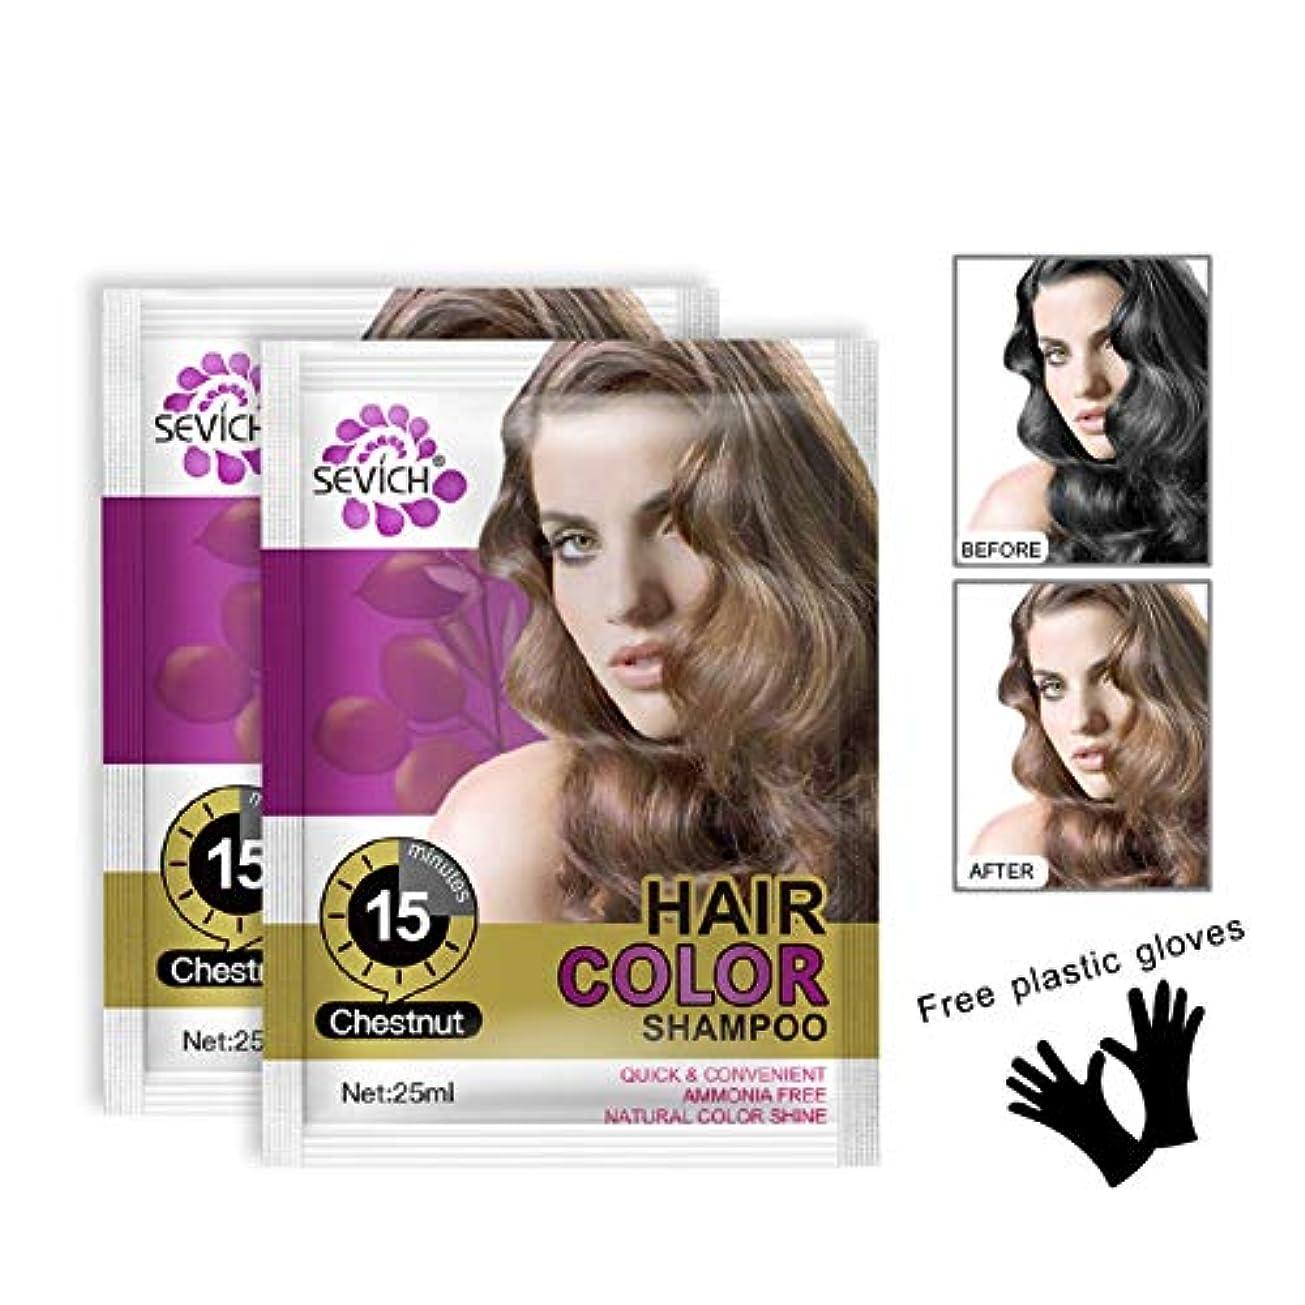 体現する湿ったパラシュートヘアカラー ヘア染め ヘアカラースタイリング 髪の色のシャンプ ヘアシャンプー 純粋な植物 自然 刺激ない ヘアケア 10枚セット Cutelove